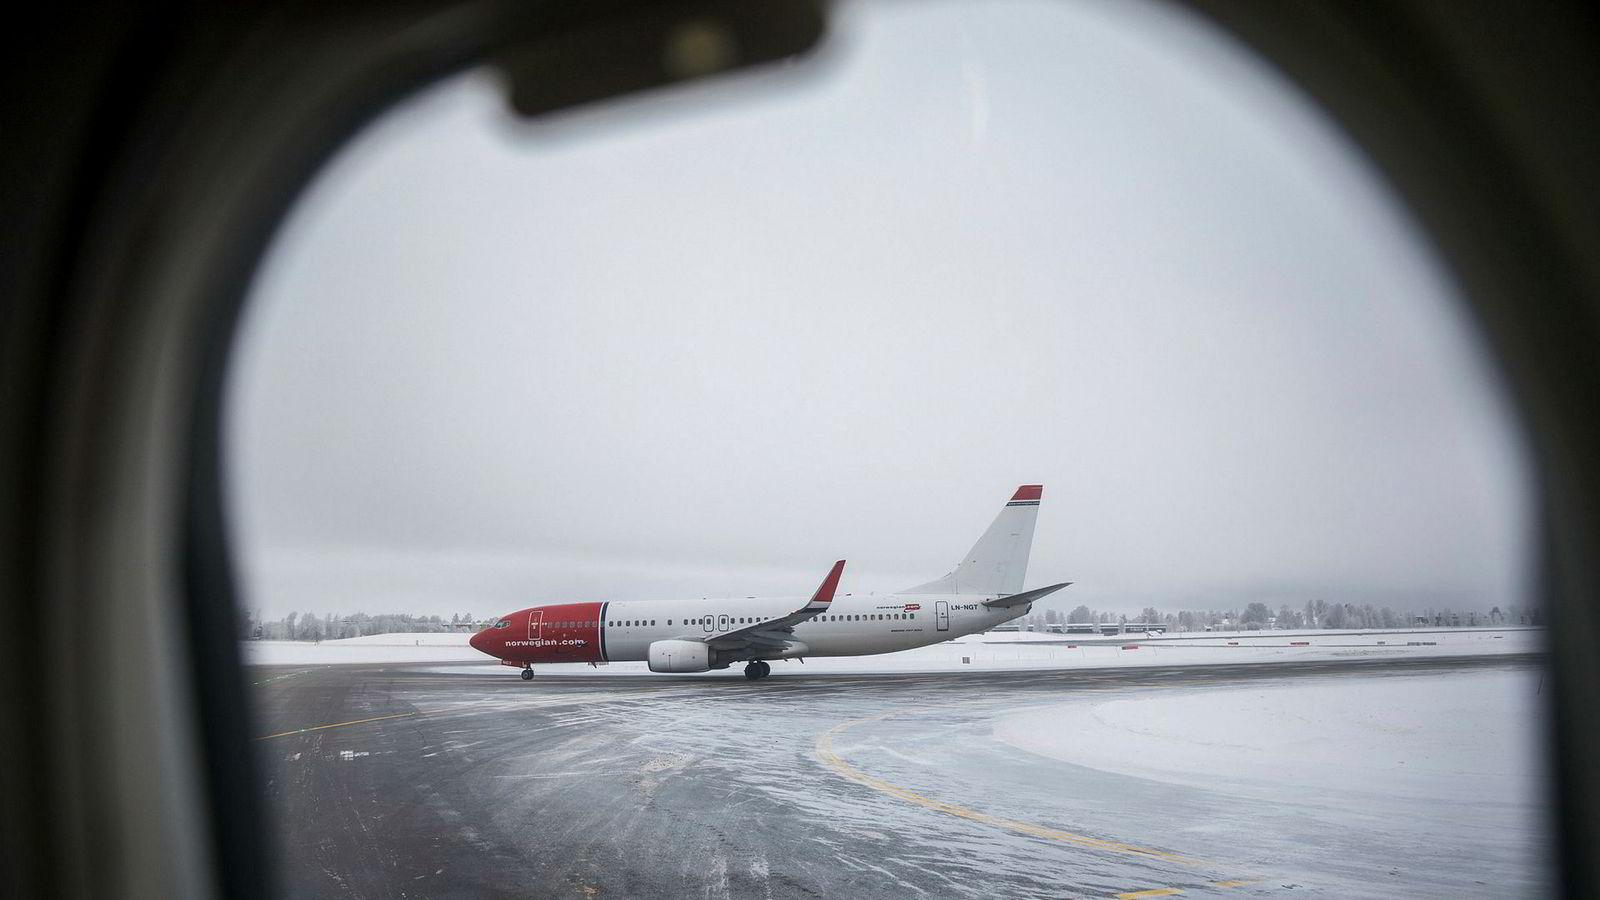 Et Norwegian-fly i i Alta blir undersøkt etter bombetrussel. Flyet på bildet er et annet fly, og står på Gardermoen.